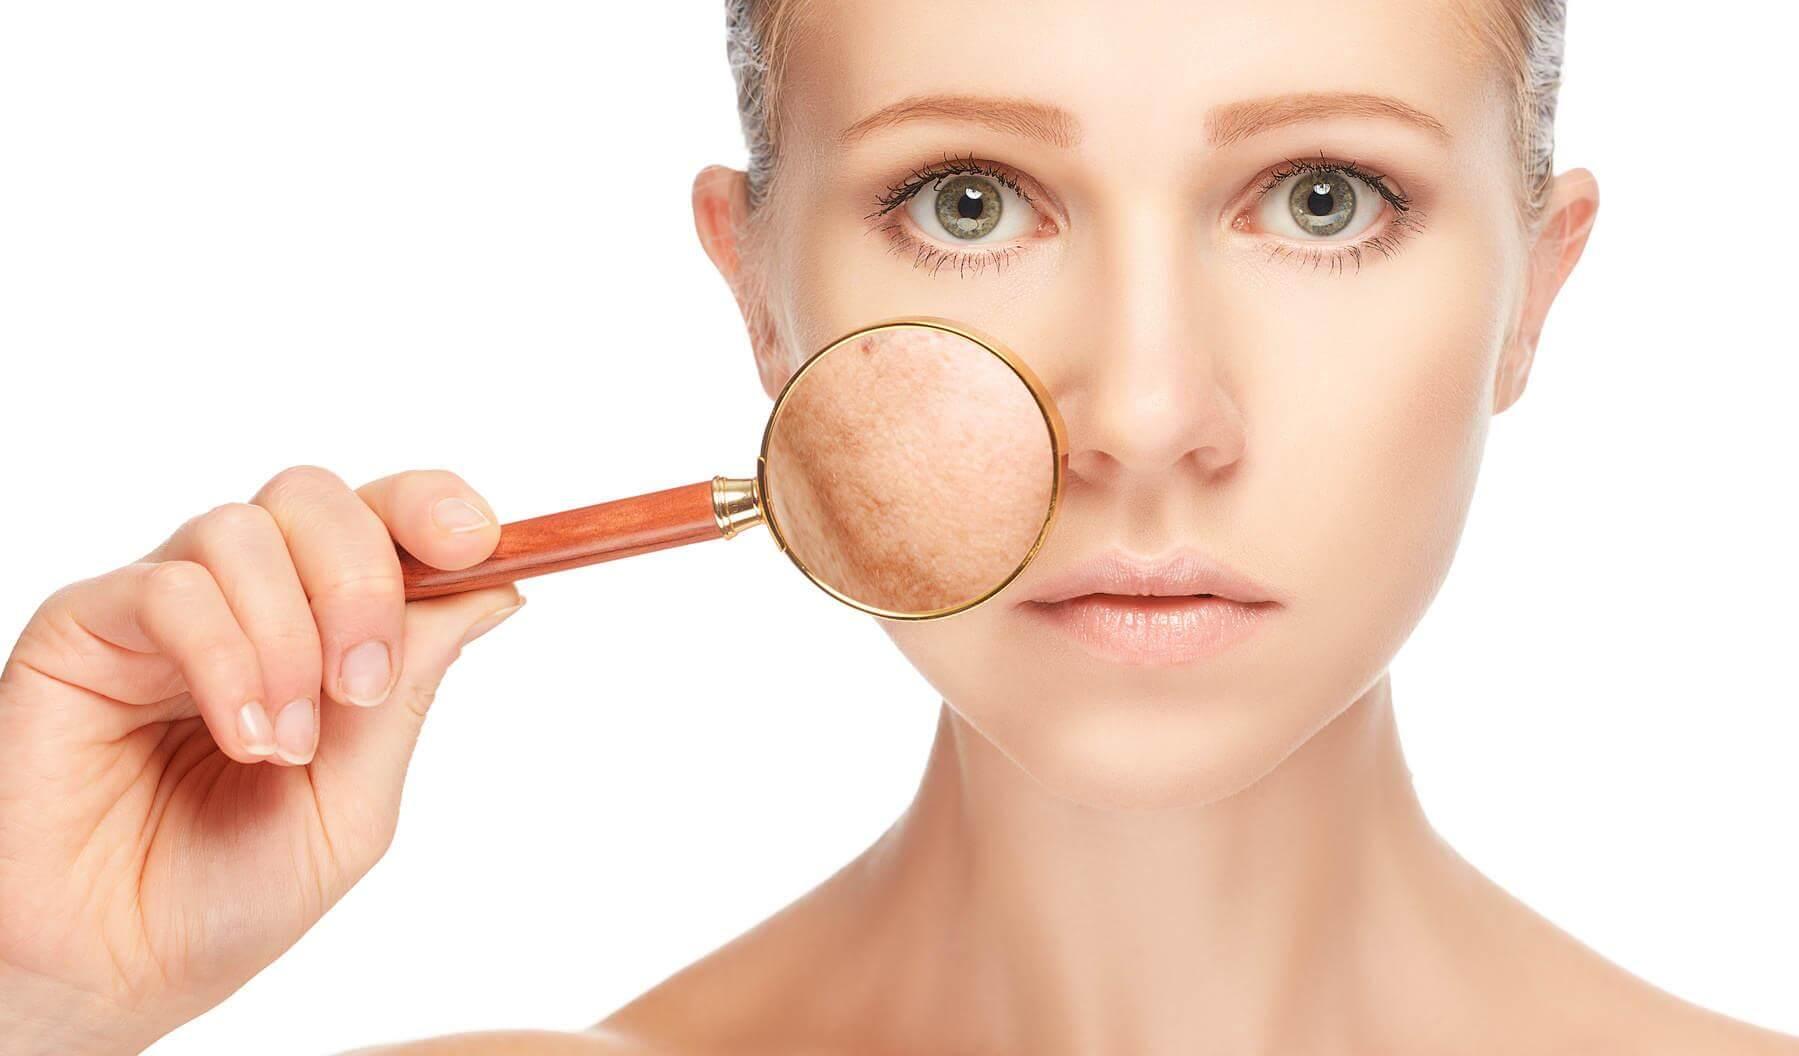 Hiperpigmentação no rosto